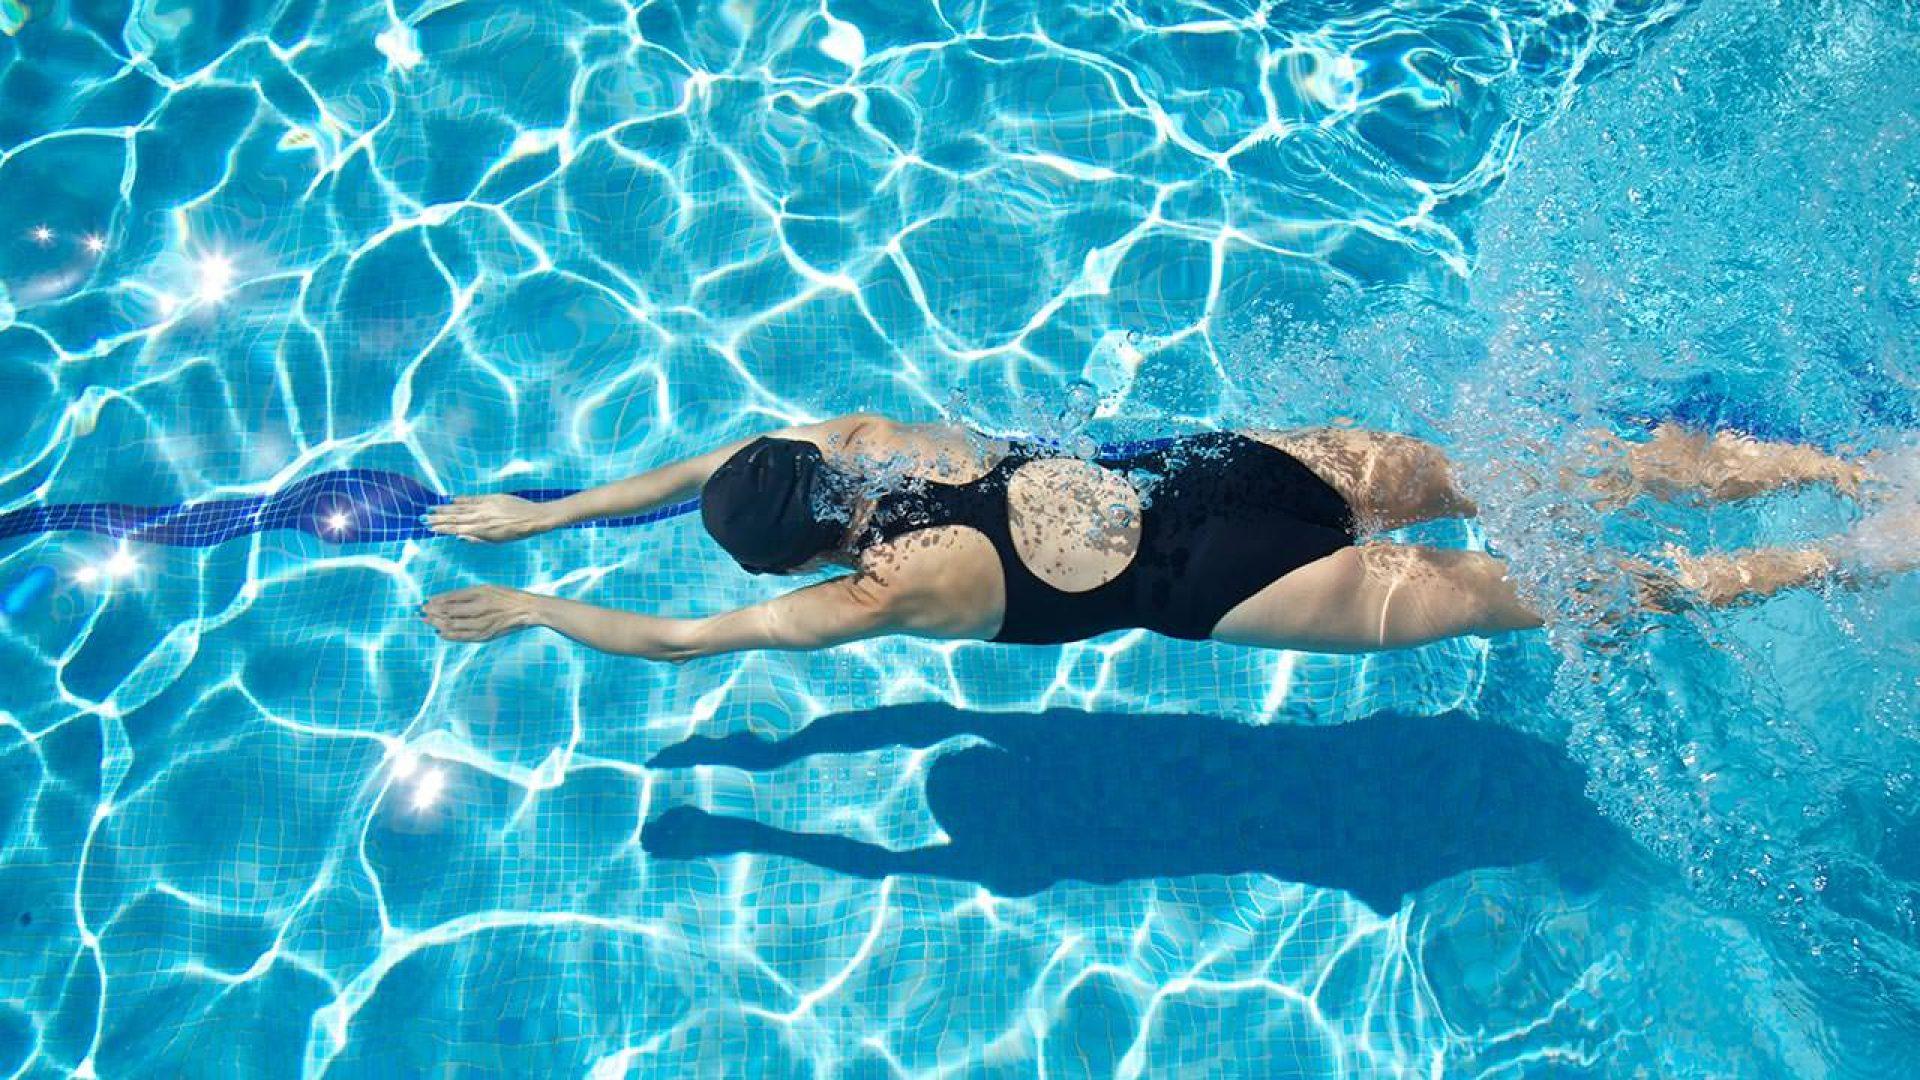 Польза плавания для здоровья, 21 преимущество | курорт армхи